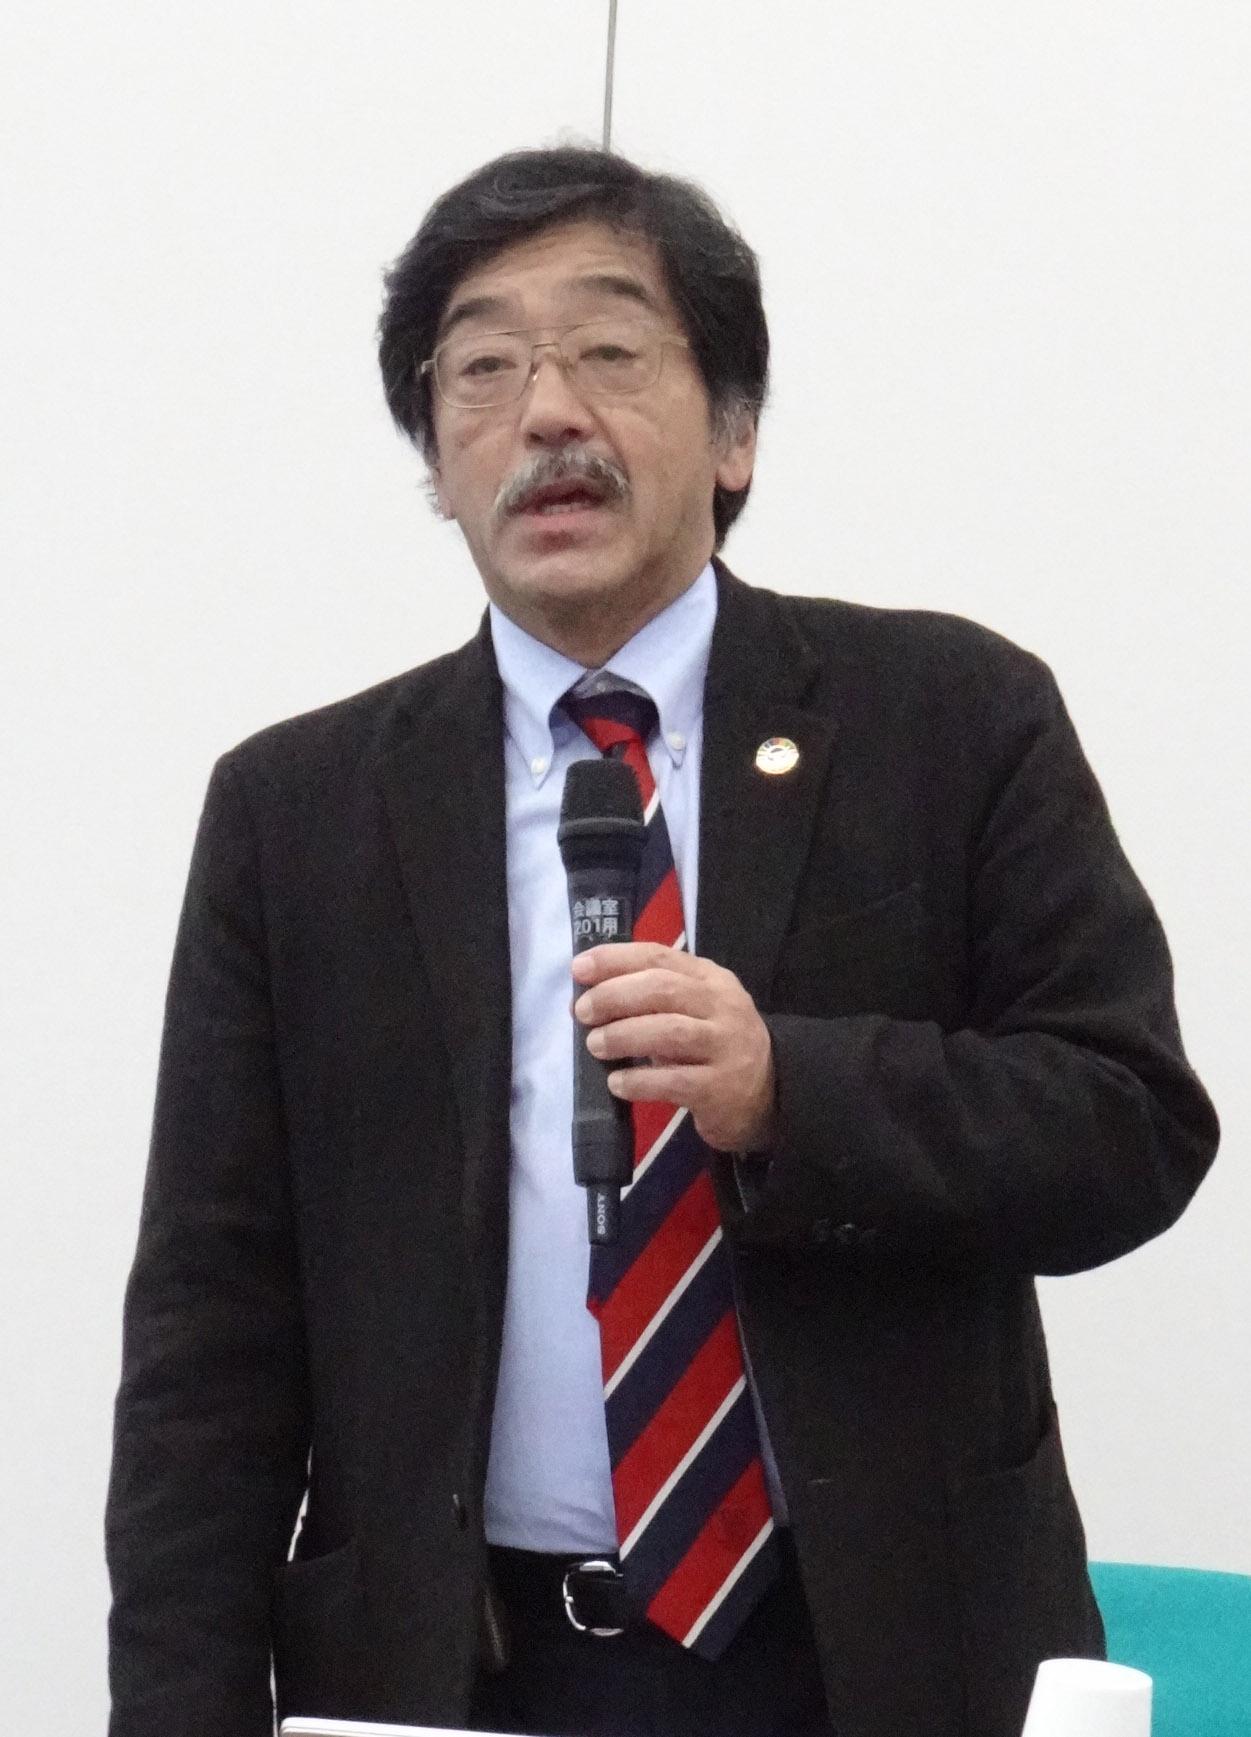 コンプライアンス研修会で講師を務める梅津准教授